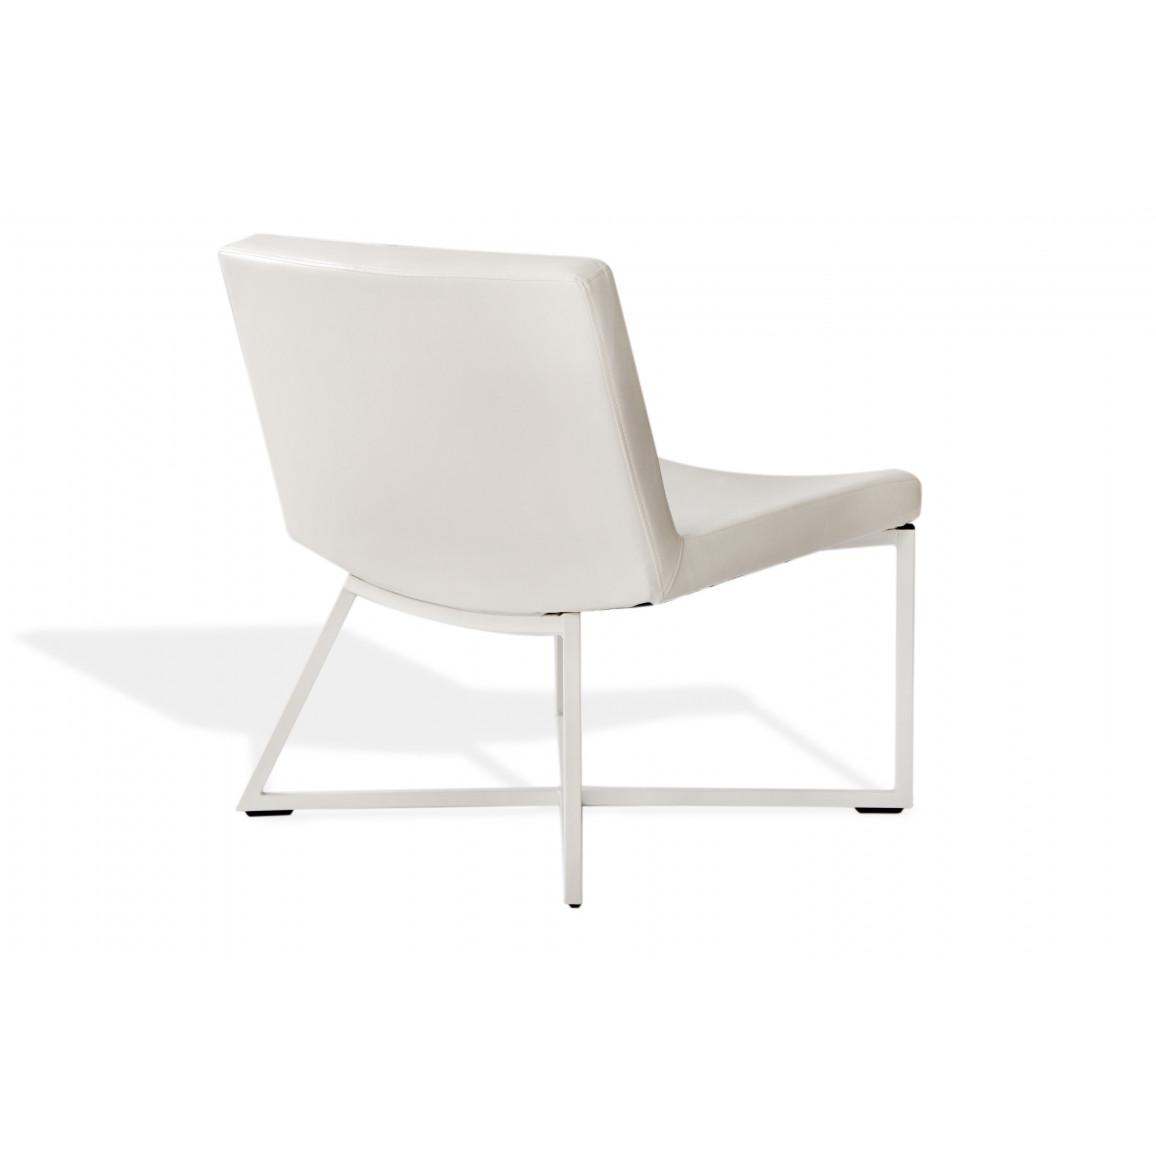 Armchair Zero | White & White Legs